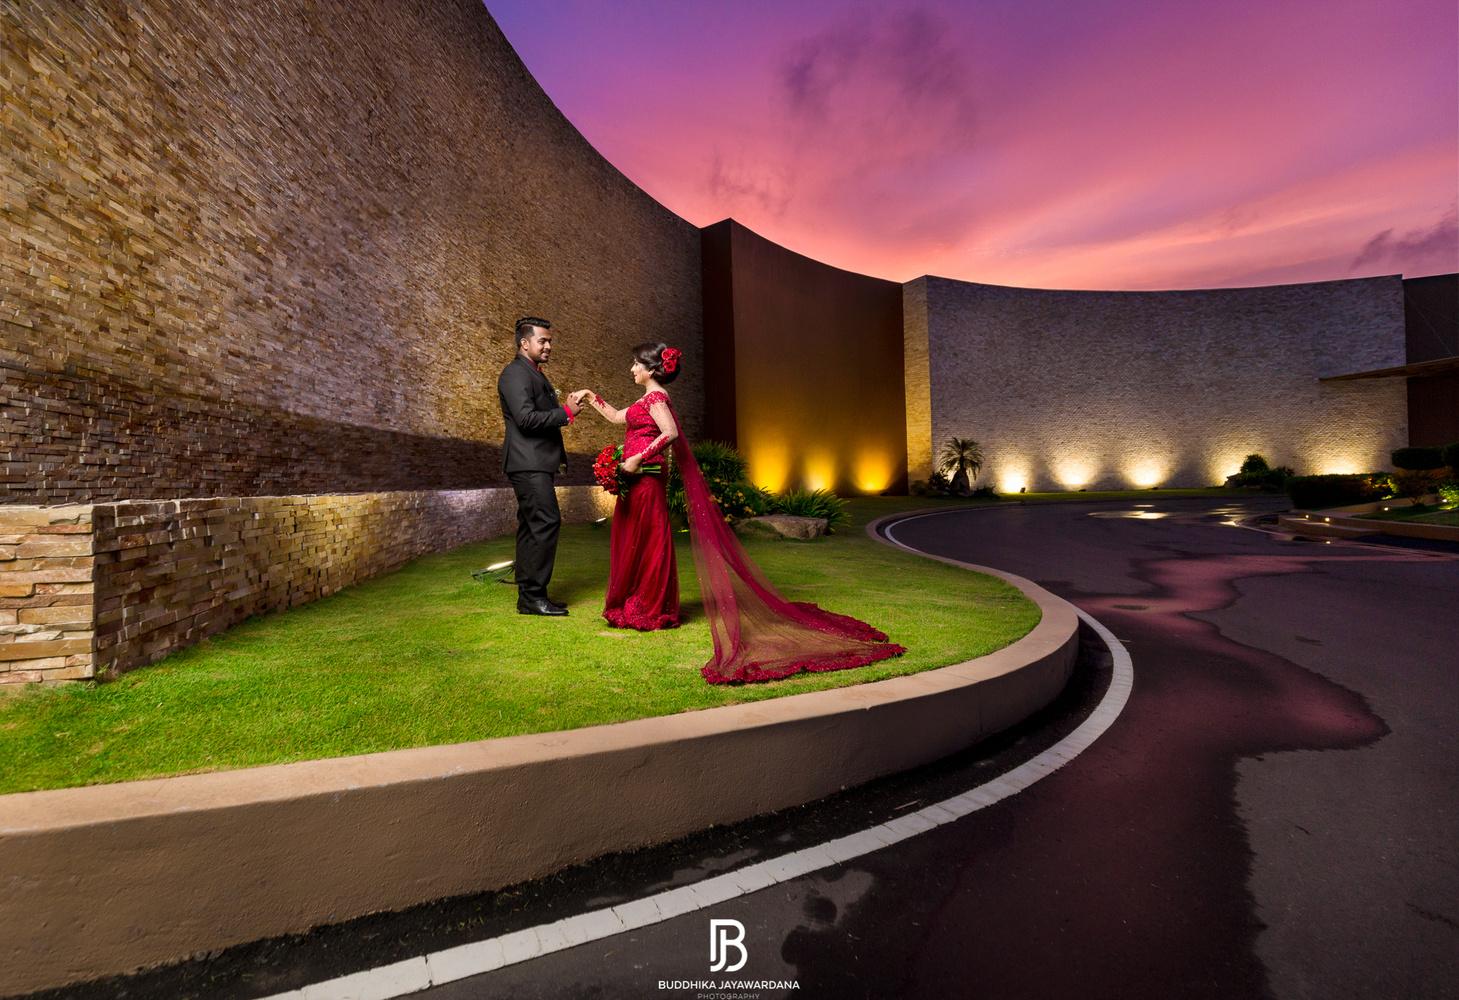 Beautiful Evening with couple  by Buddhika Jayawardana